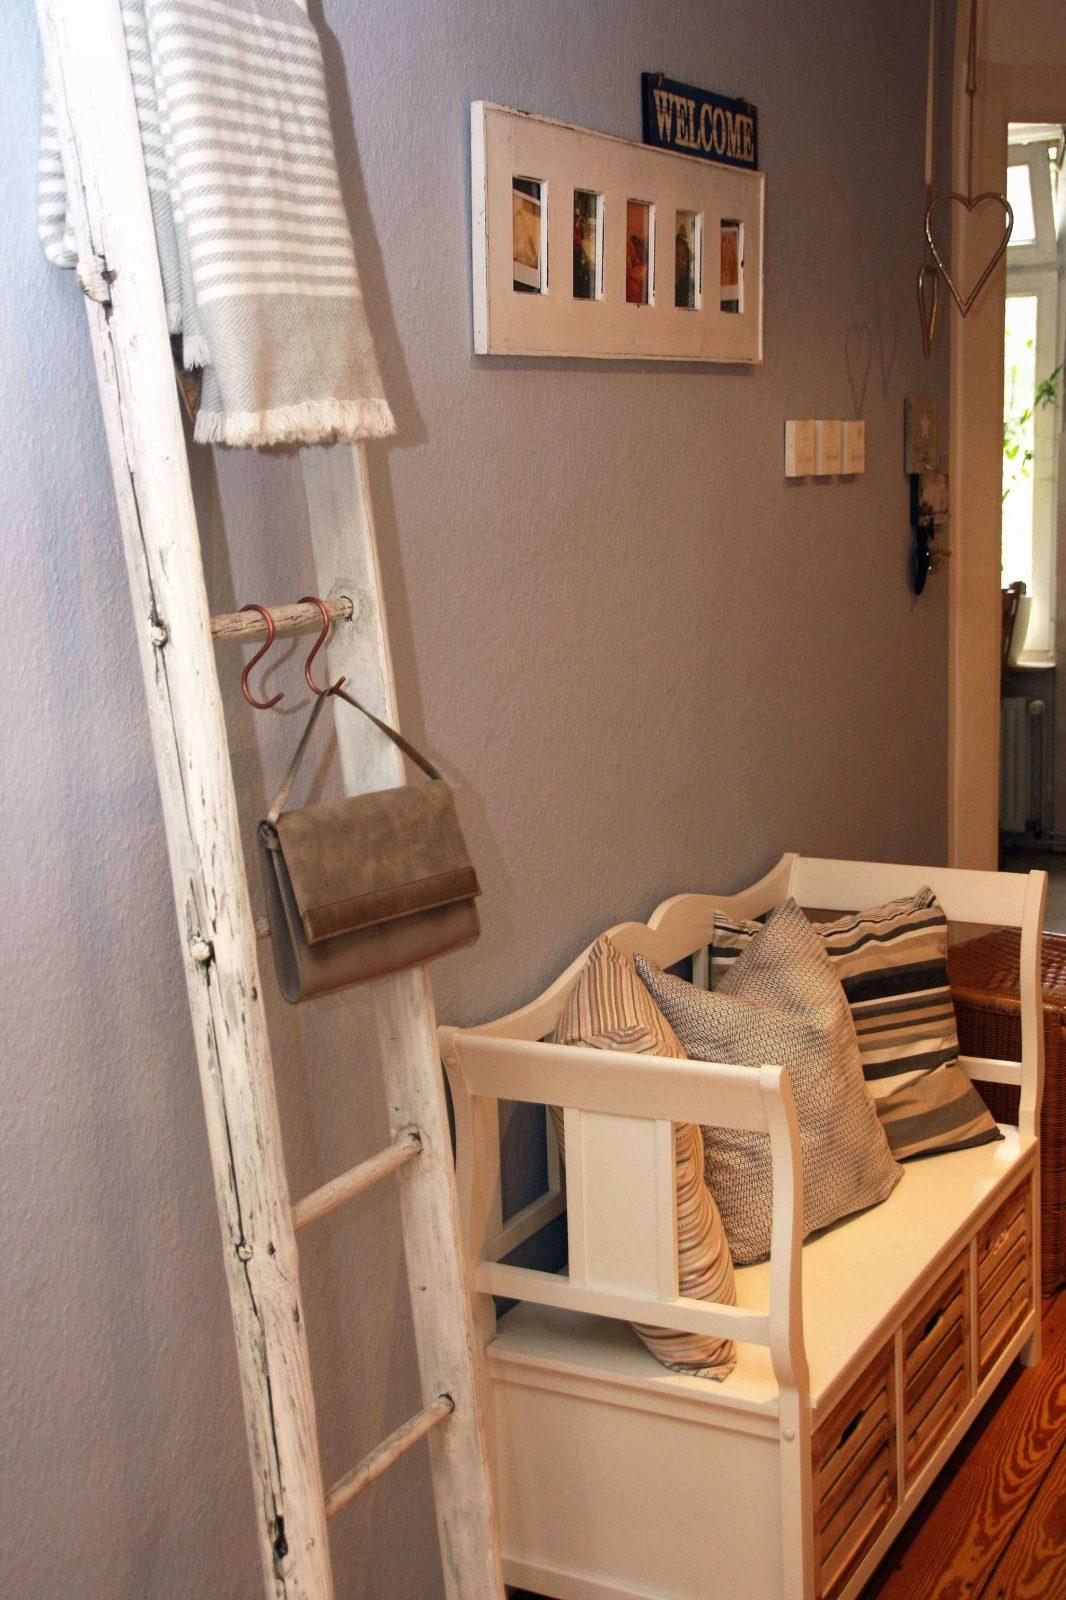 50 Neu Hochbett Selber Bauen 90—200 Einmalig Bett Mit Treppe — Yct von Bett Mit Stufen Selber Bauen Photo